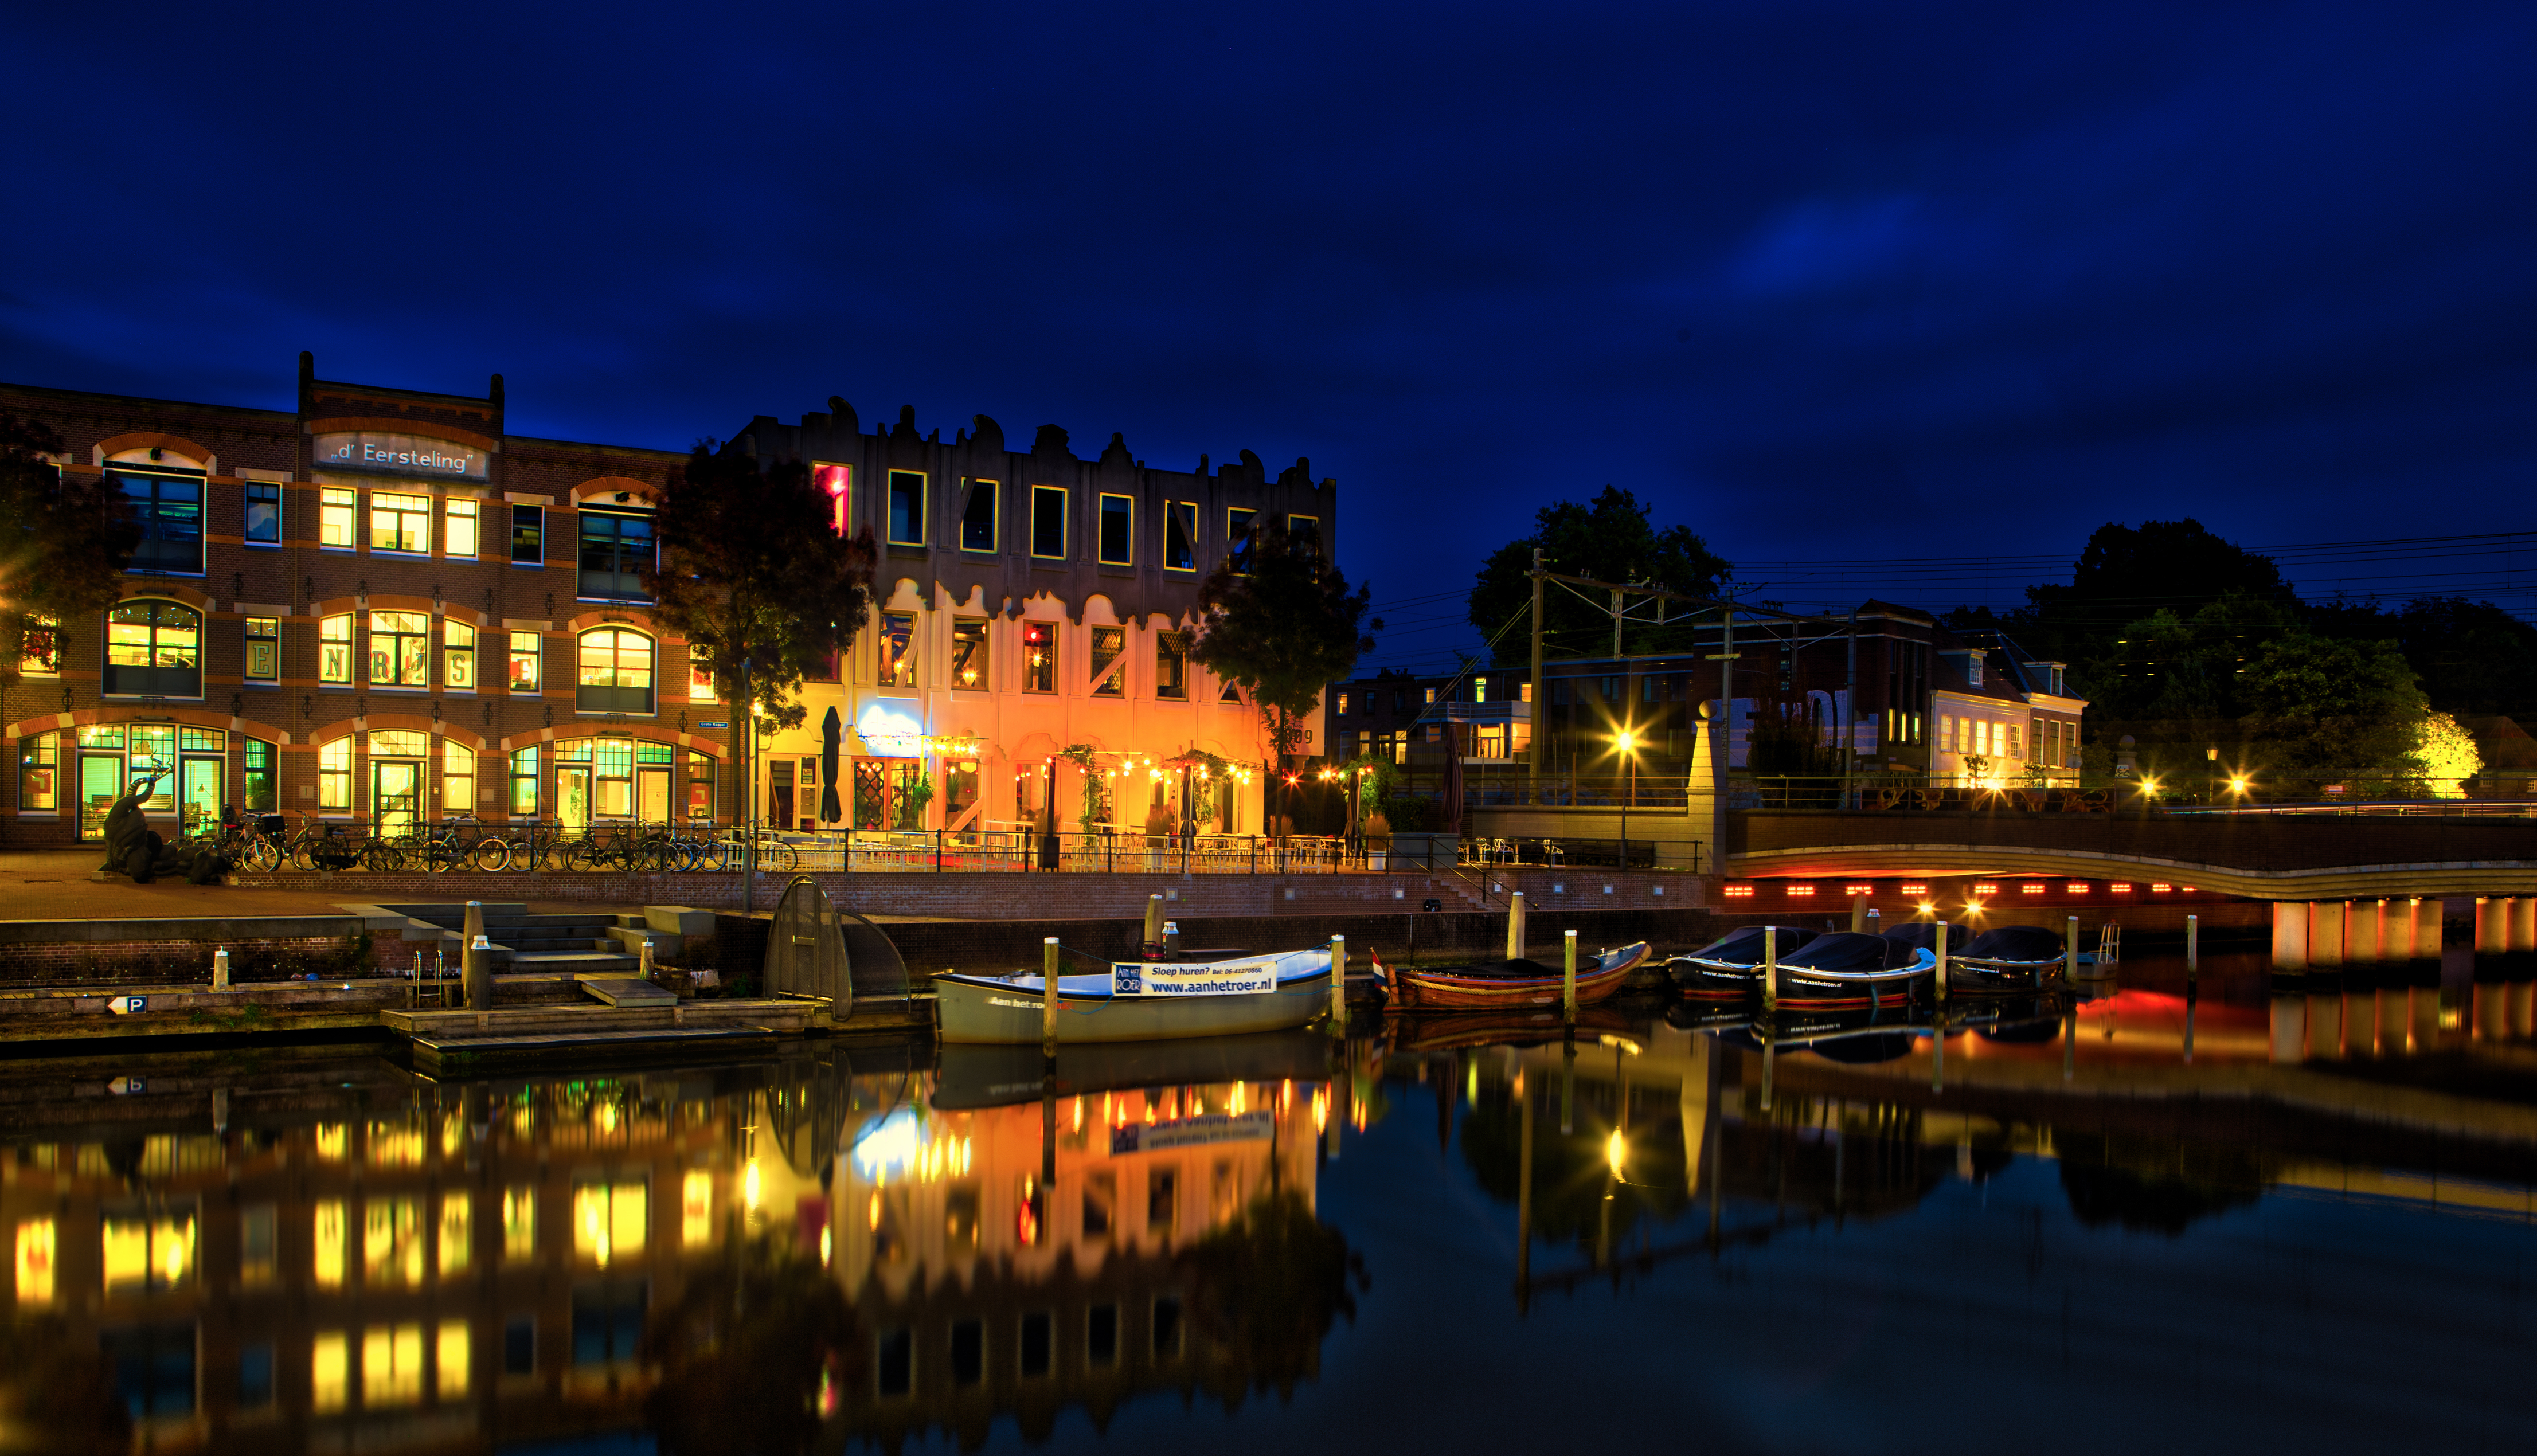 Фото Нидерланды Amersfoort canals Водный канал ночью Лодки Причалы Уличные фонари Дома город 4425x2540 голландия Ночь Пирсы в ночи Ночные Пристань Города Здания